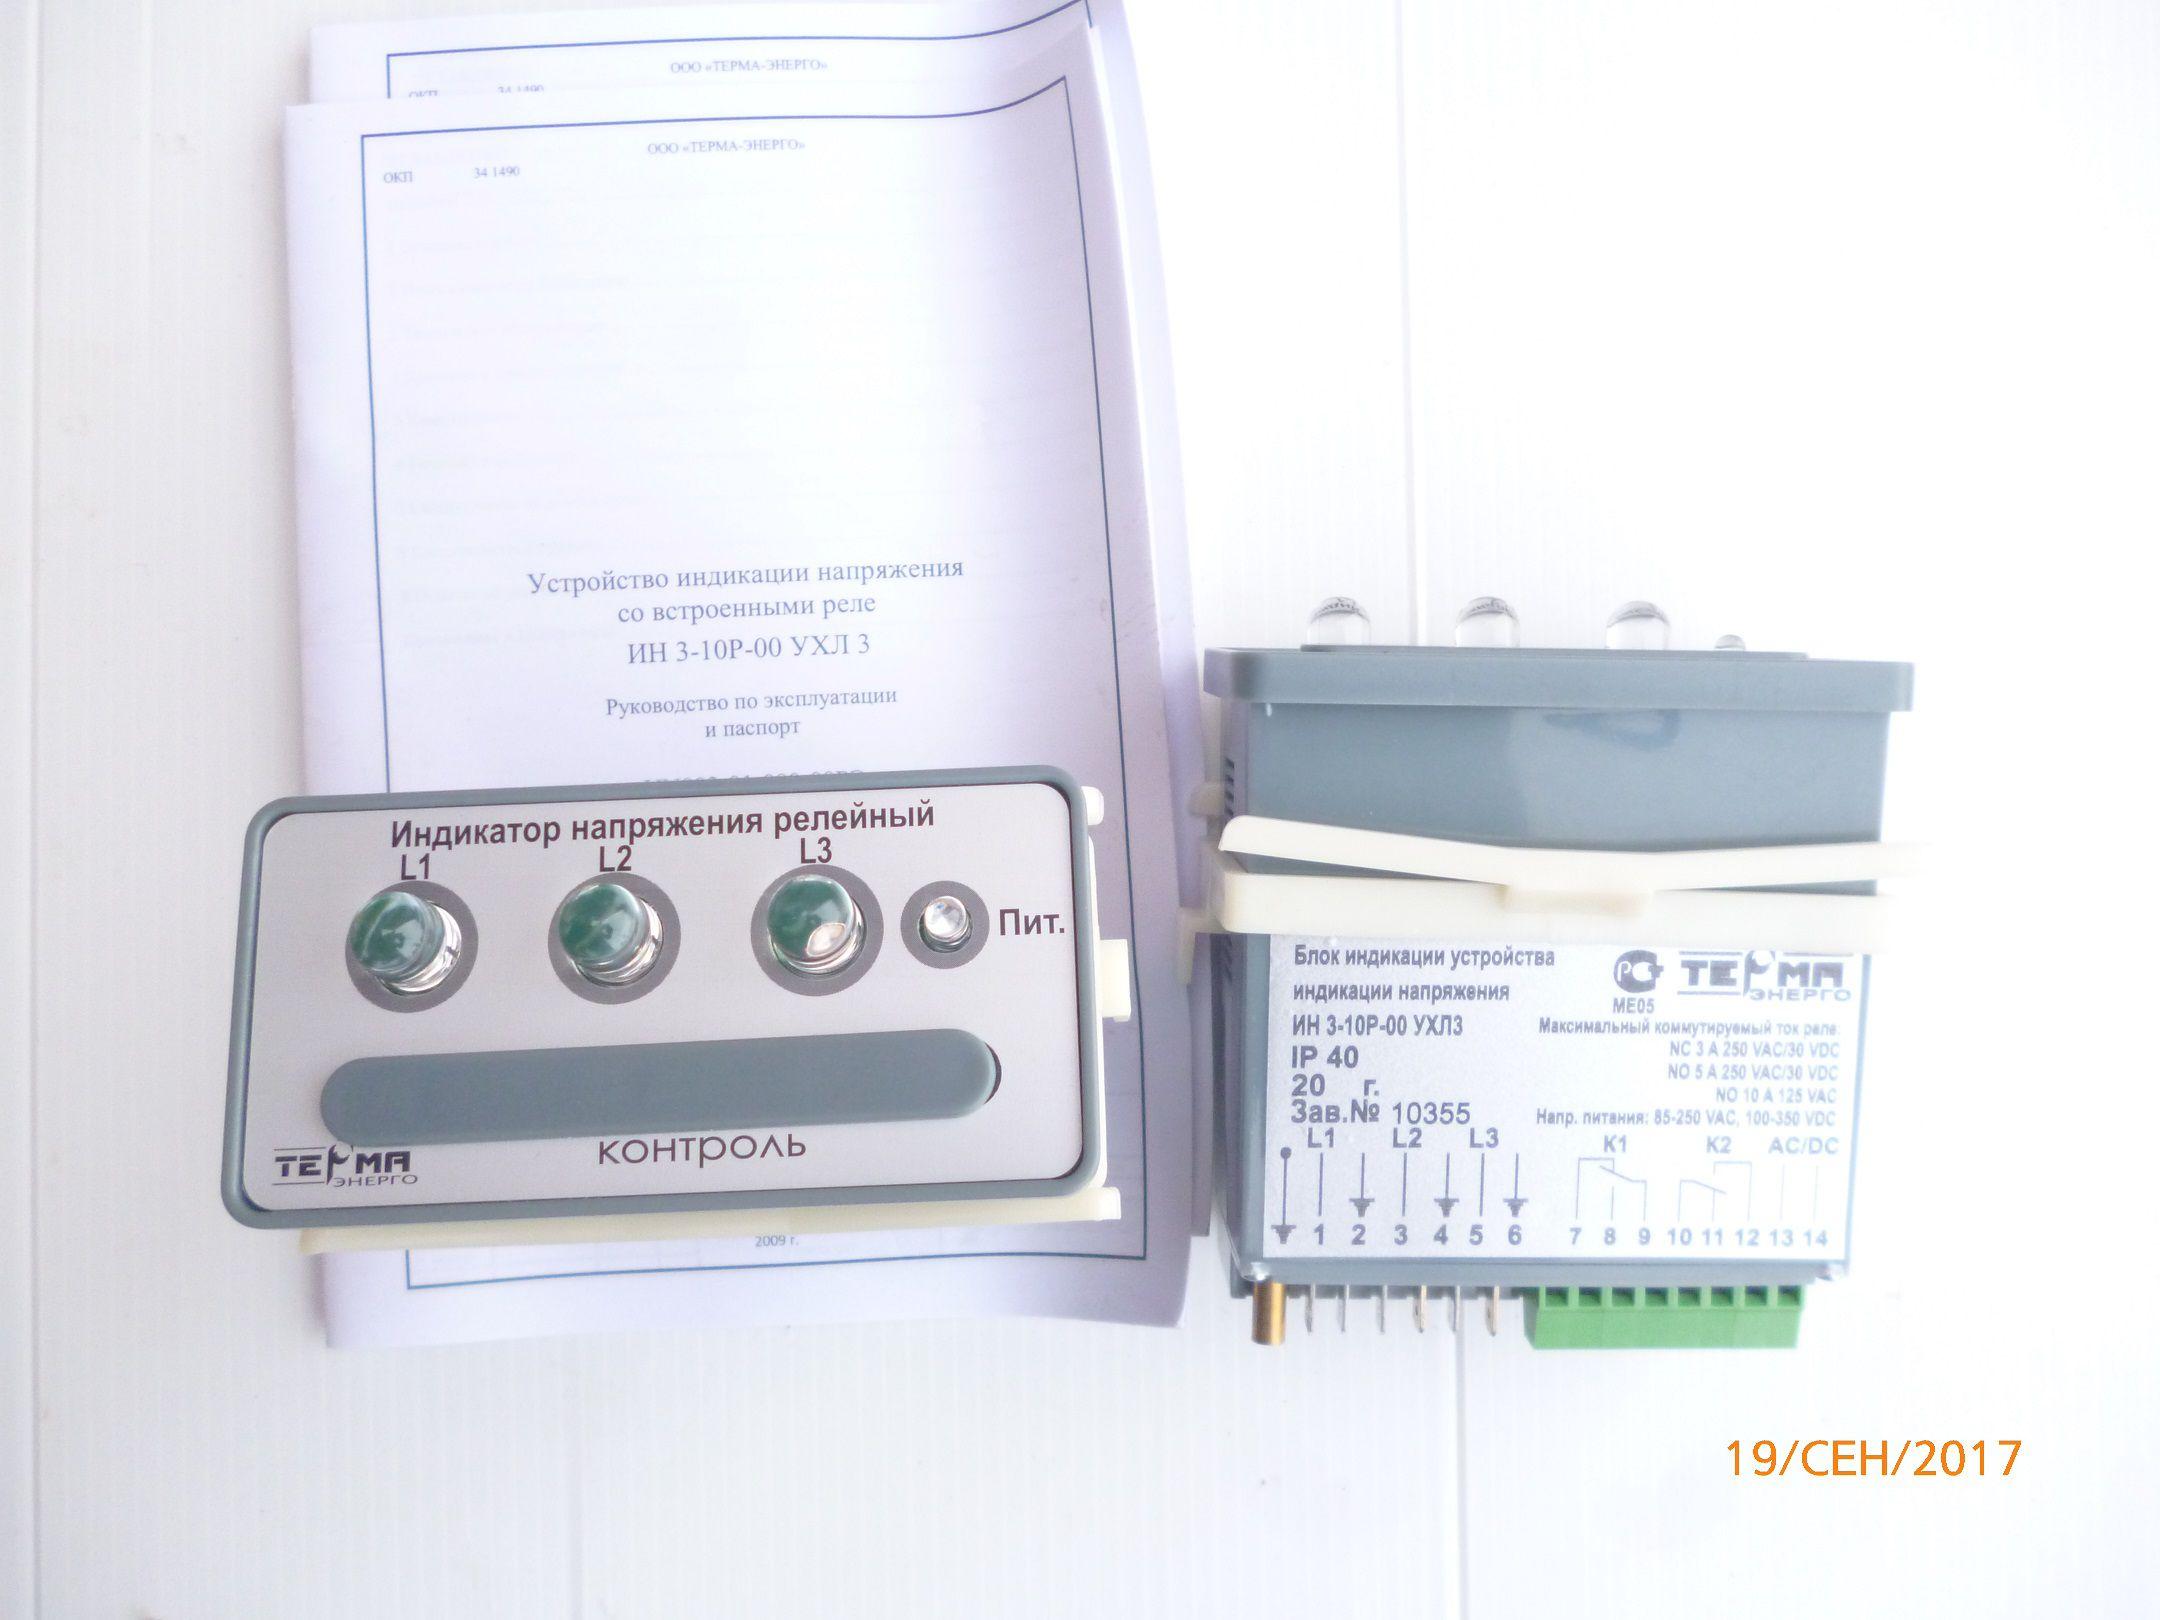 Блок индикации устройства индикации напряжения ИН 3-10Р-00